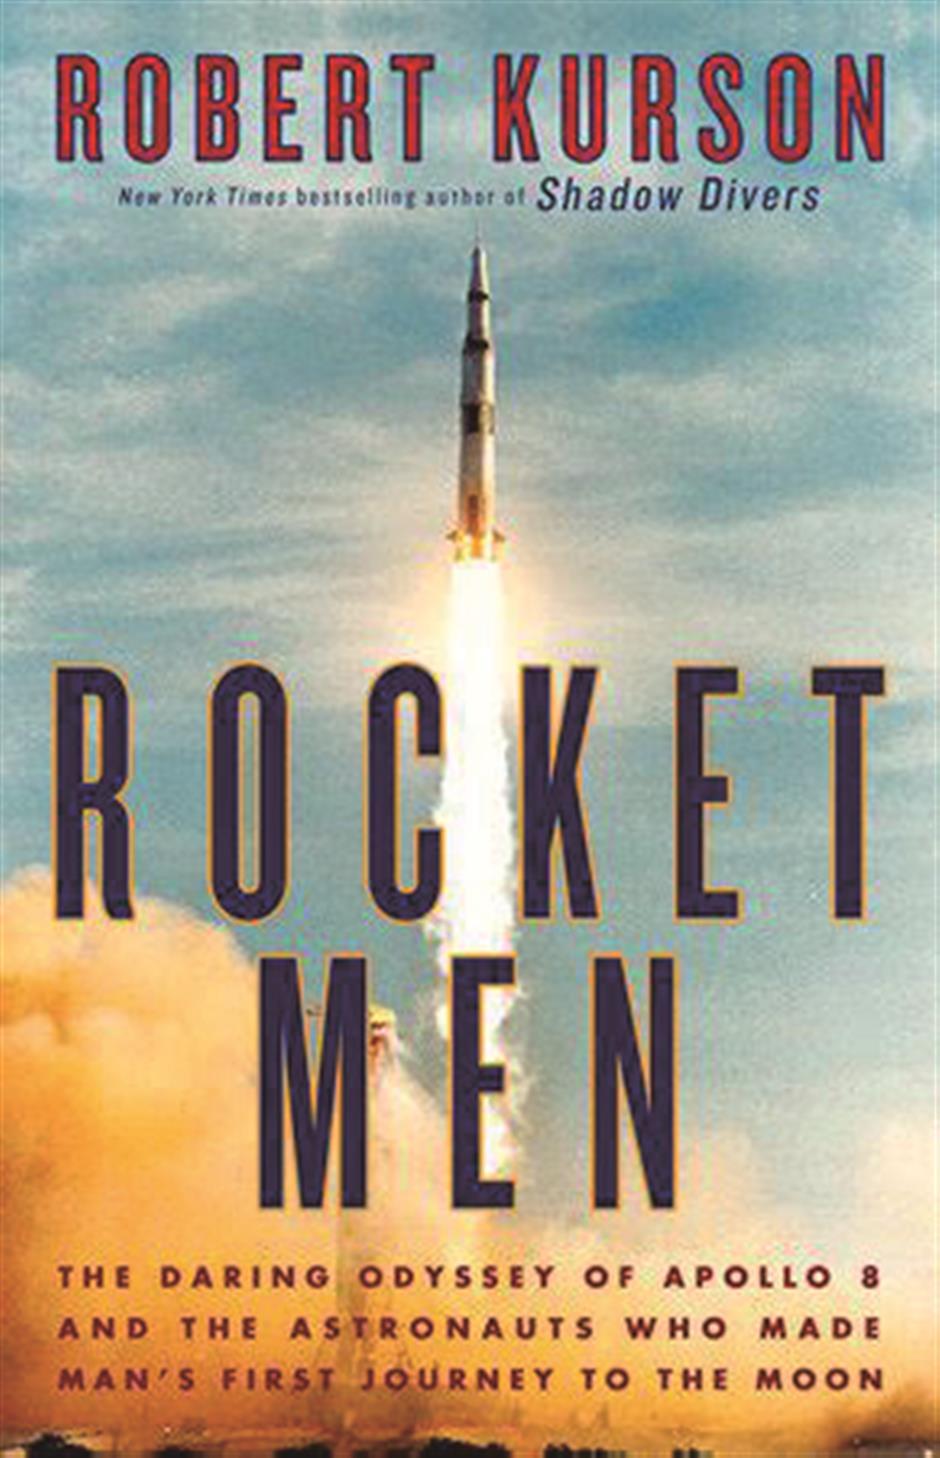 Apollo 8 risk revealed in Rocket Men